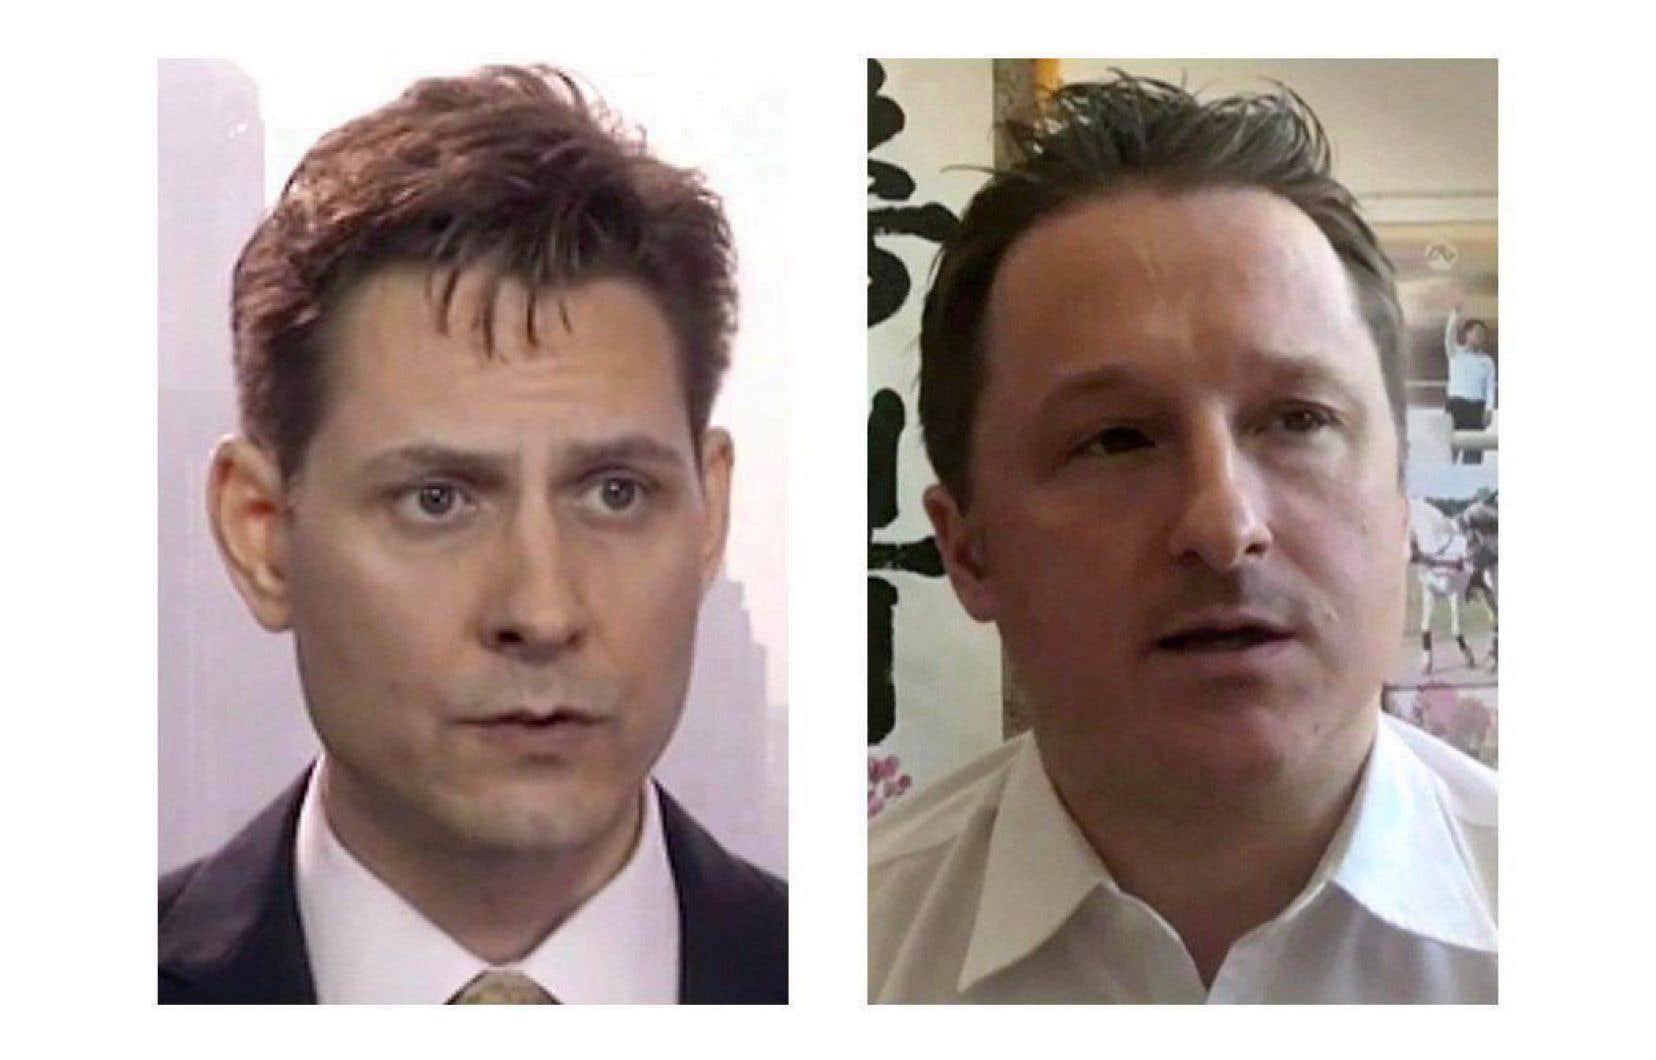 Michael Kovrig (à gauche), ancien diplomate auparavant en poste à Pékin, ainsi que le consultant et homme d'affaires Michael Spavor, spécialiste de la Corée du Nord, sont accusés «d'espionnage» et d'avoir «divulgué des secrets d'État».